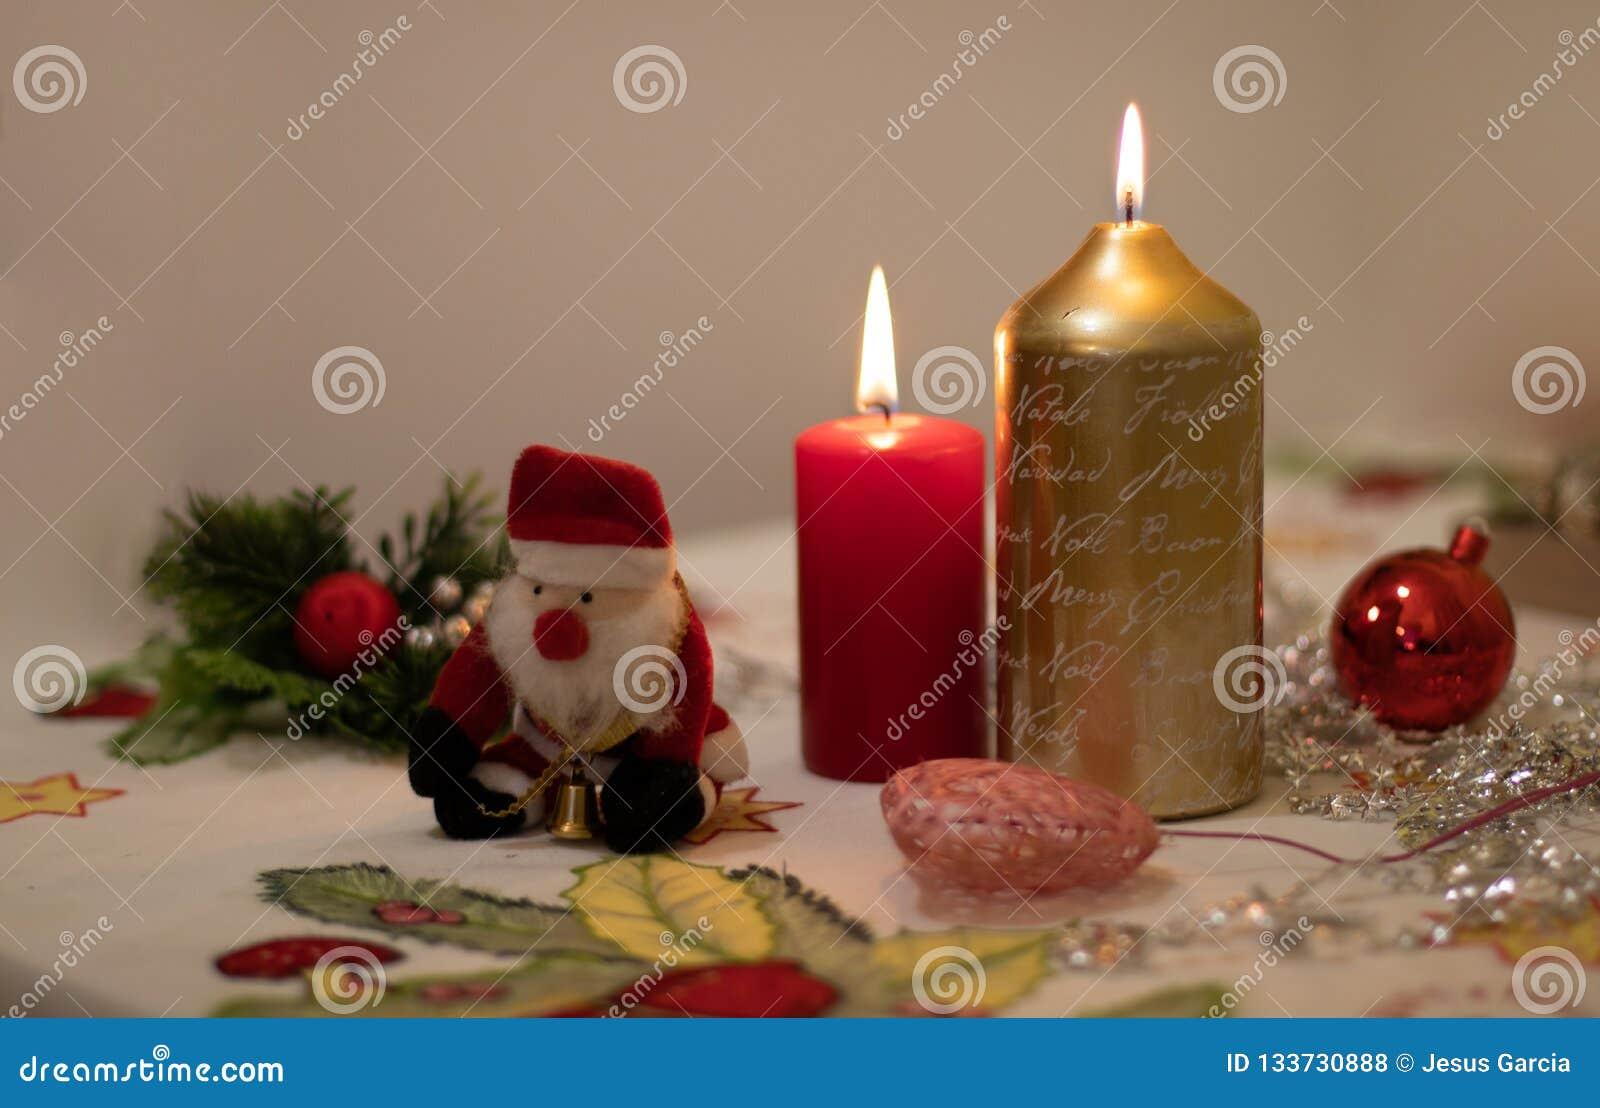 Kaarsen met Kerstmisdecoratie en een Santa Claus-pop op een tafelkleed worden aangestoken dat